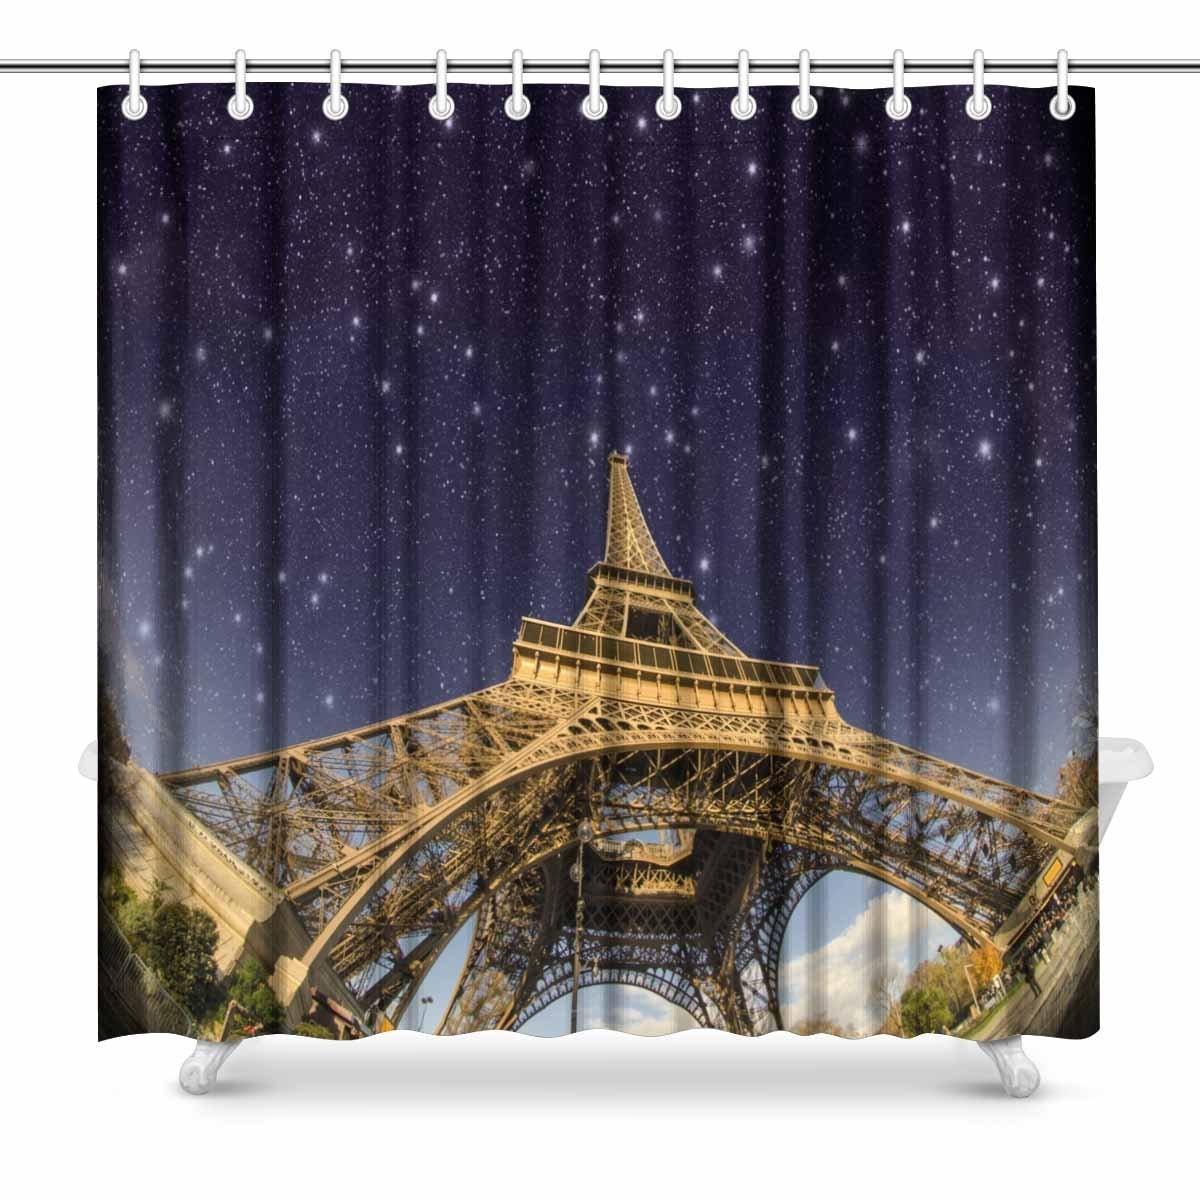 Genereus Aplysia Sterren En Night Sky Boven Eiffeltoren In Parijs Frankrijk Prints Douchegordijn Voor Badkamer Maar Toch Niet Vulgair